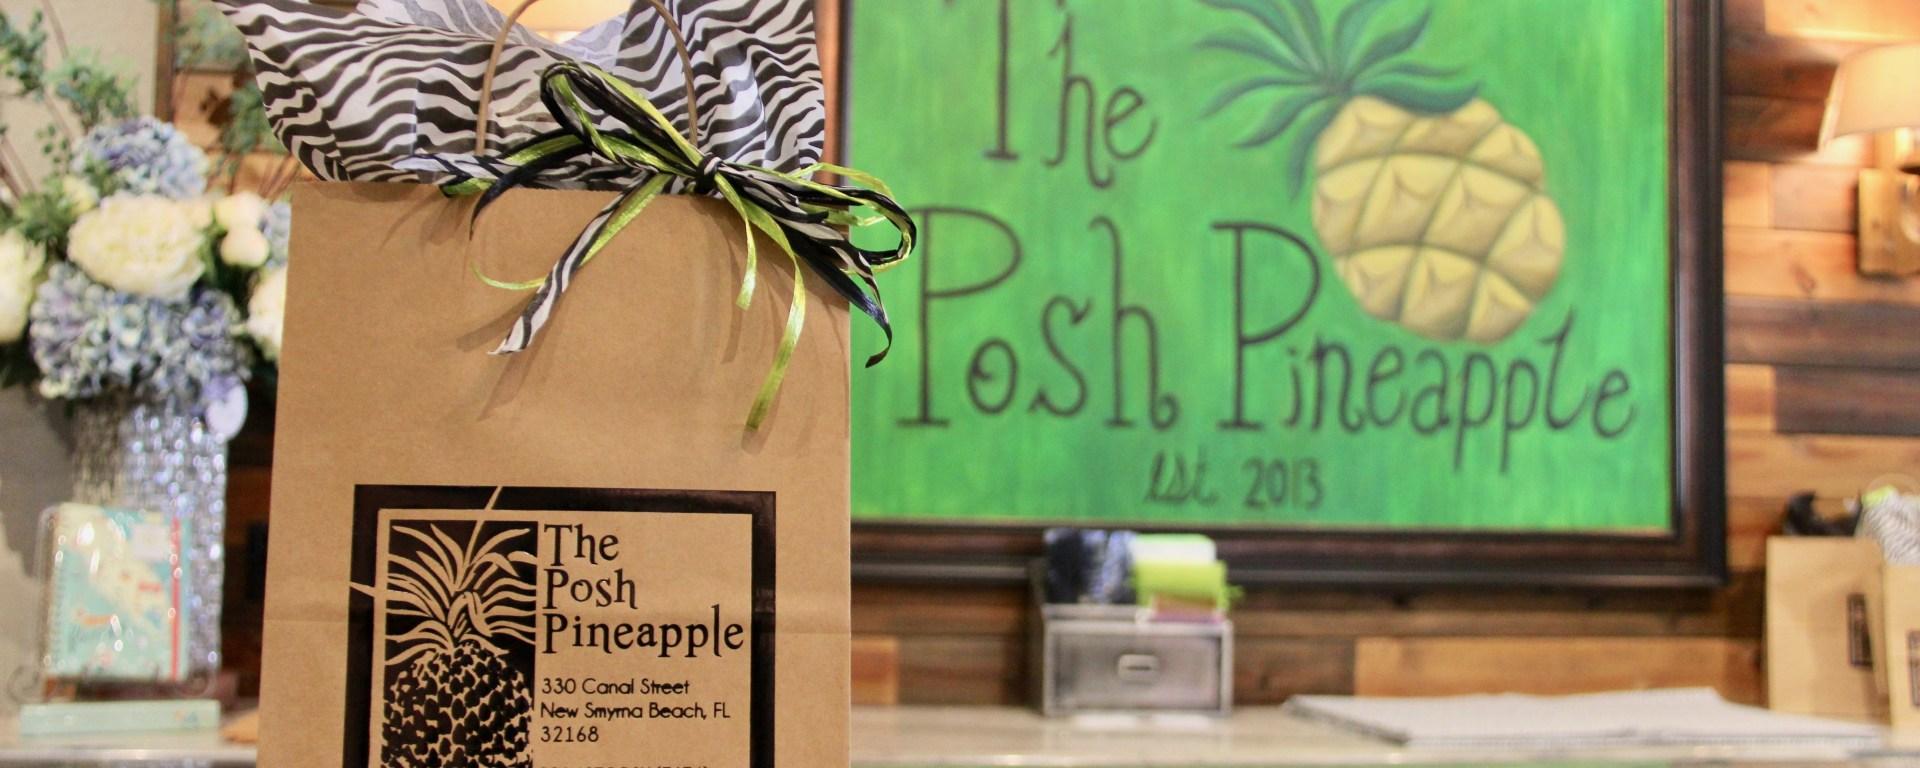 Posh Pineapple cash wrap counter and bag